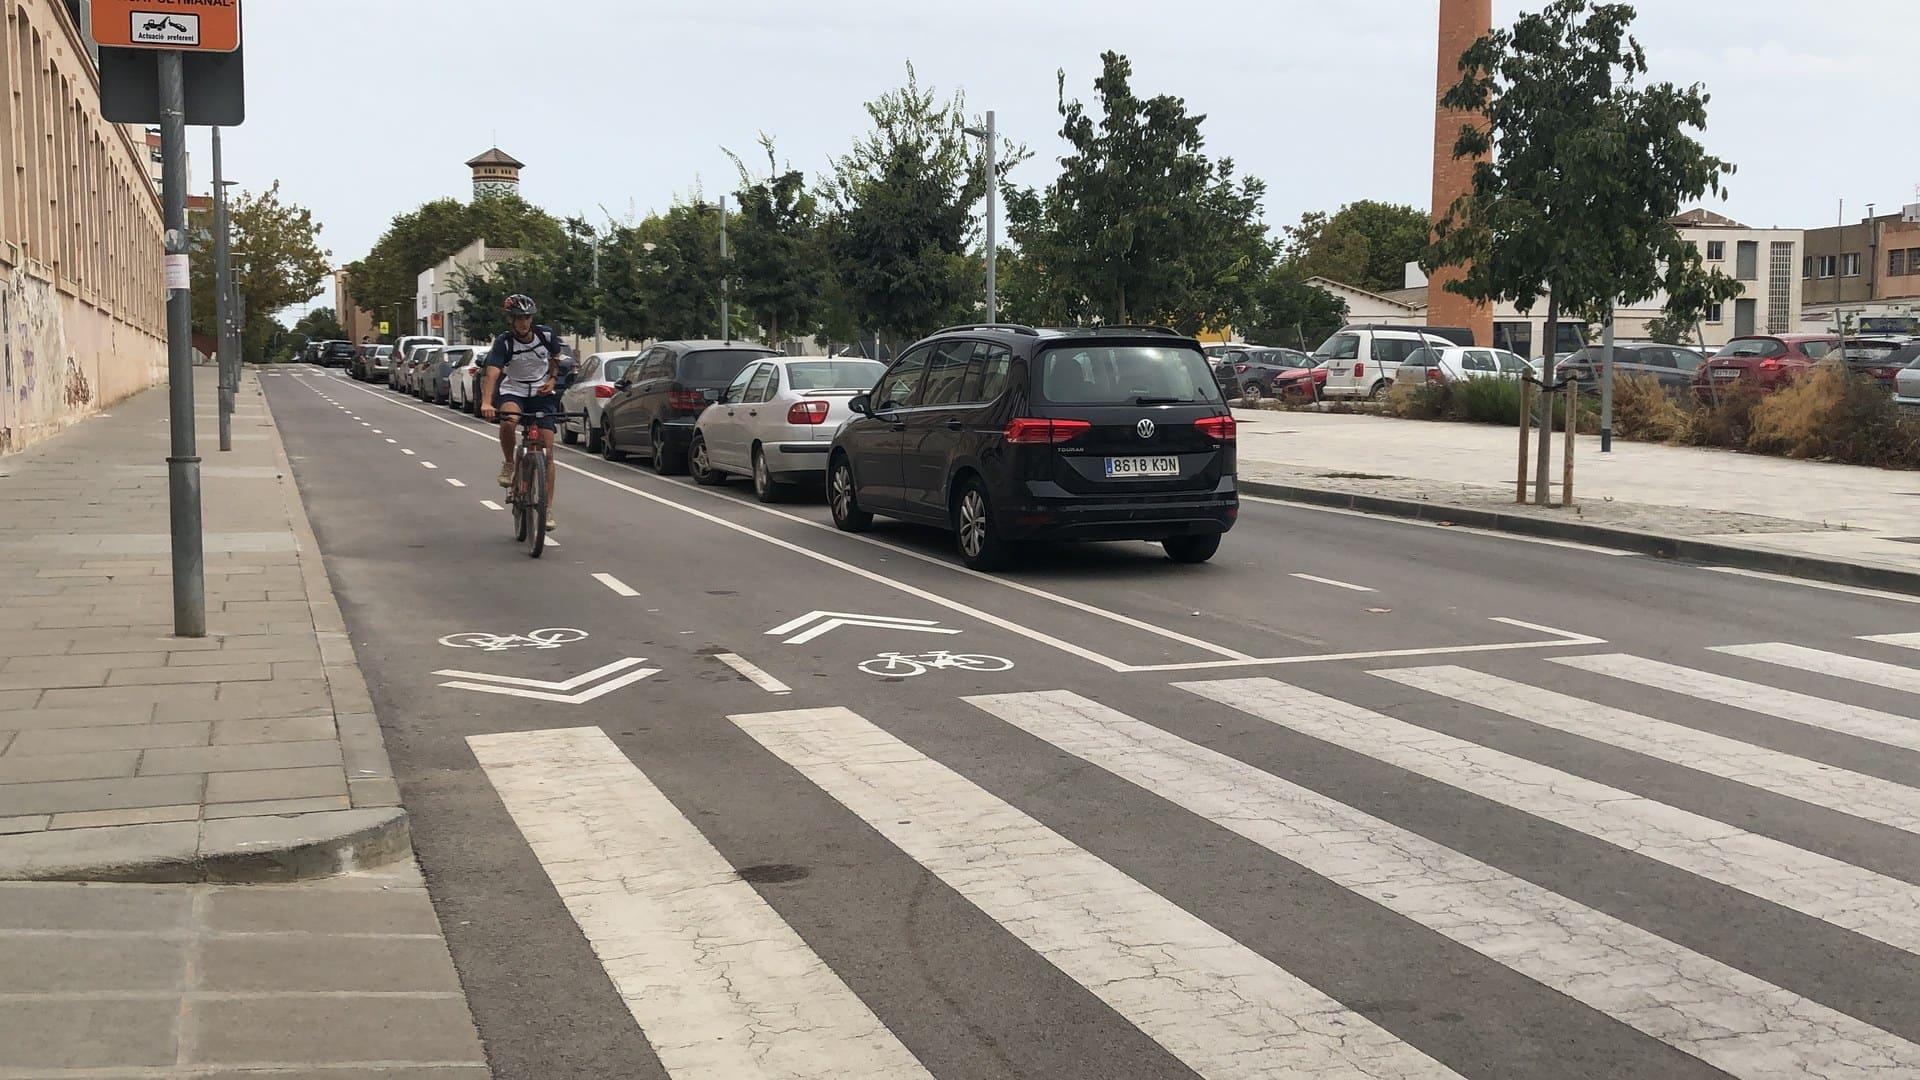 Nou tram de carril bici al carrer d'Enric Prat de la Riba, dins de l'Anella ciclista. Foto: Ajuntament de Mataró